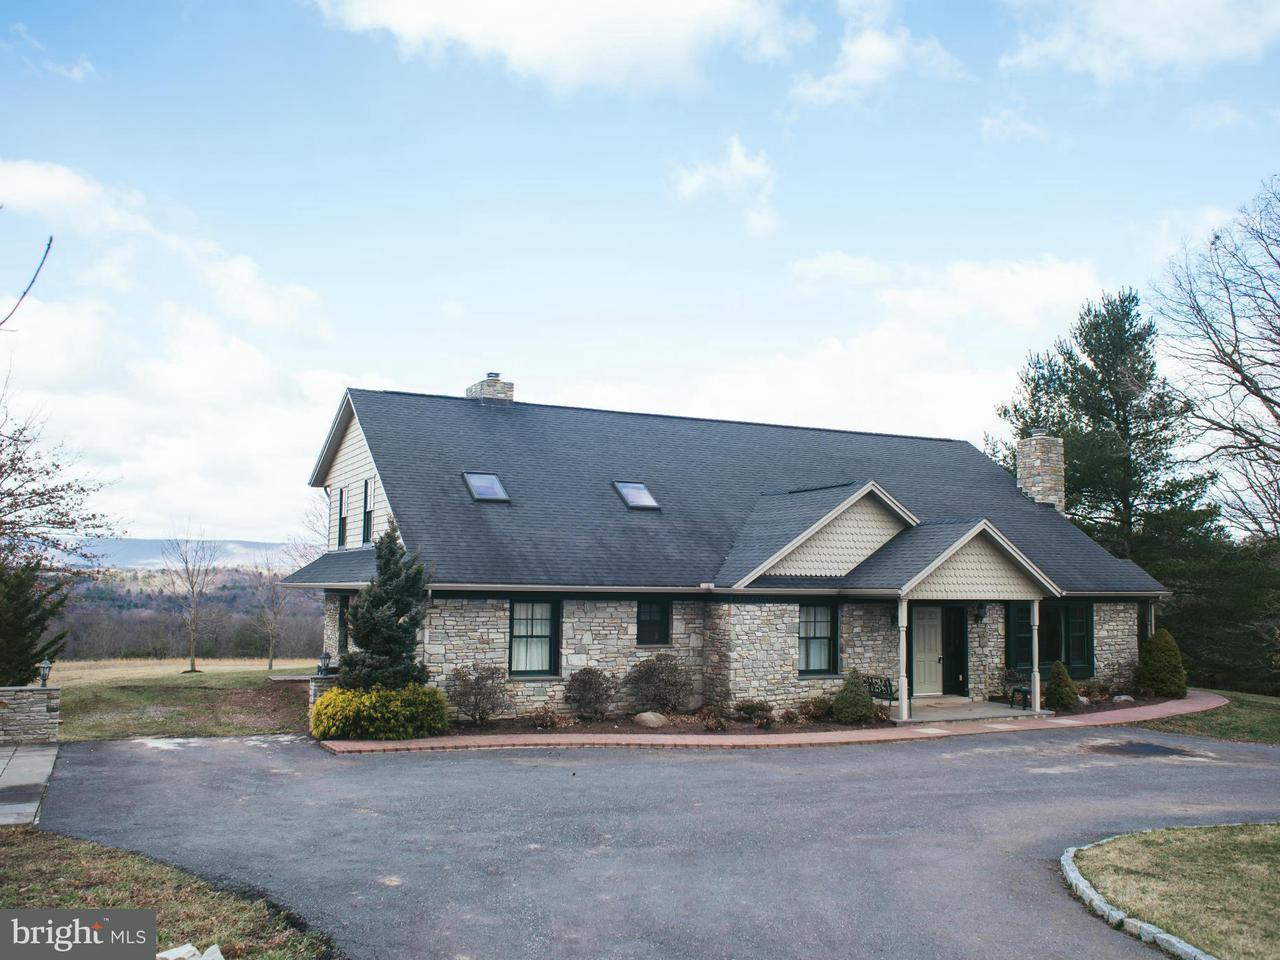 独户住宅 为 销售 在 8124 Cromwell Church Road 8124 Cromwell Church Road Hustontown, 宾夕法尼亚州 17229 美国